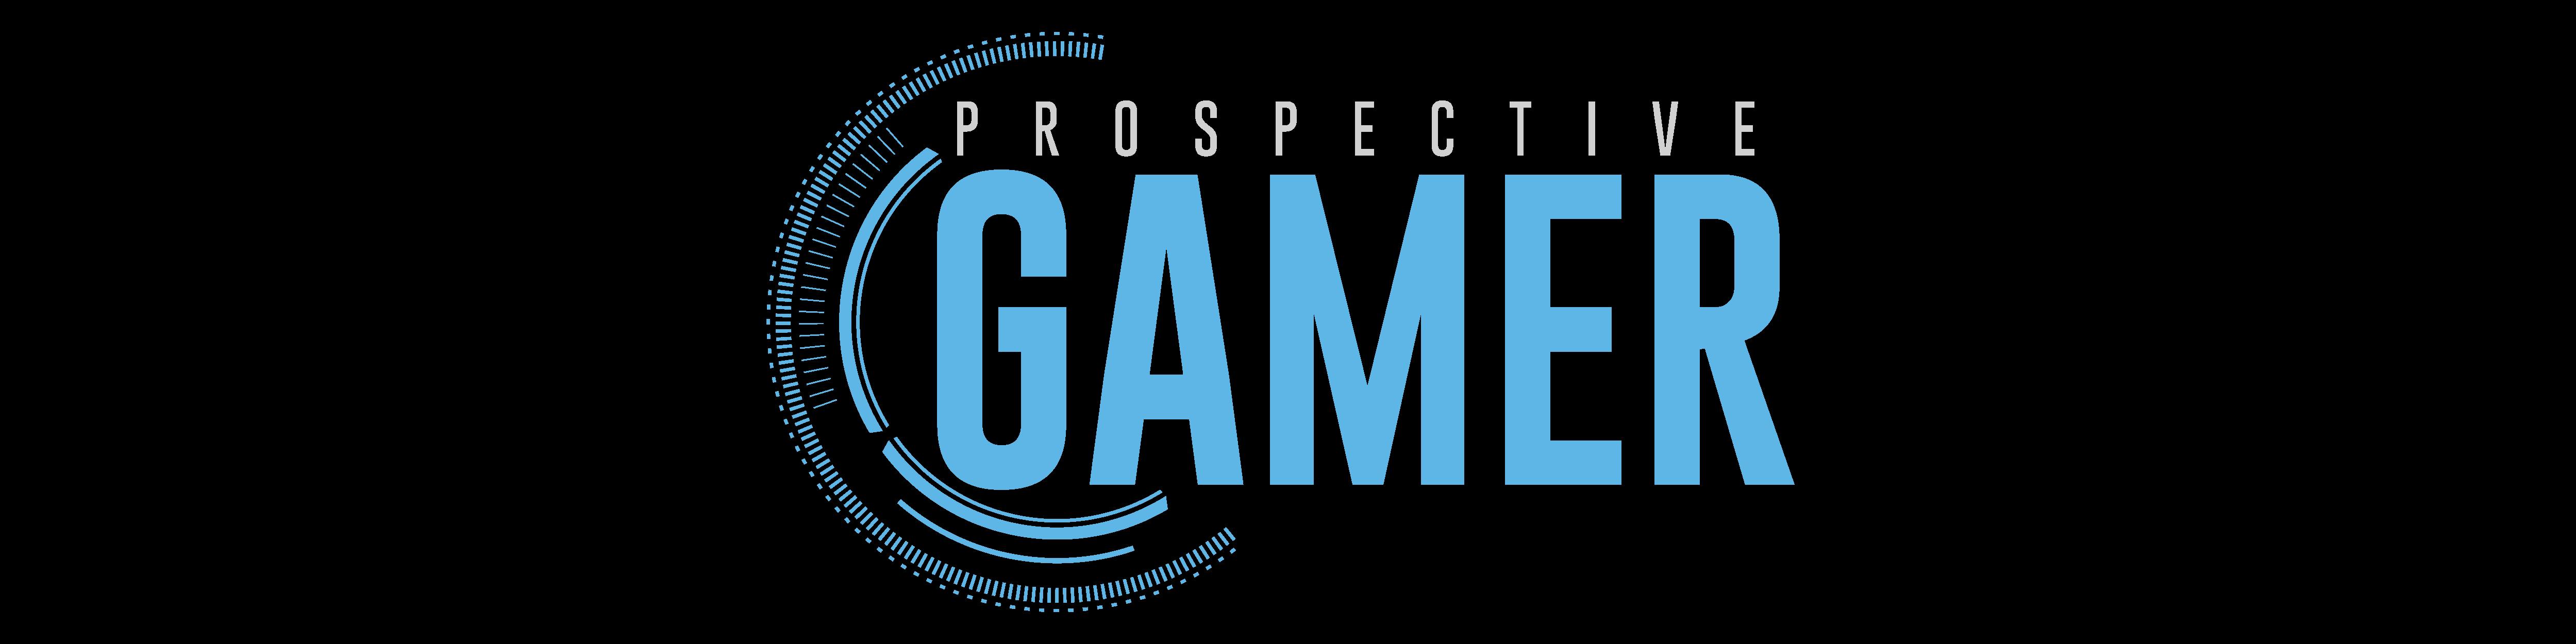 Prospective Gamer